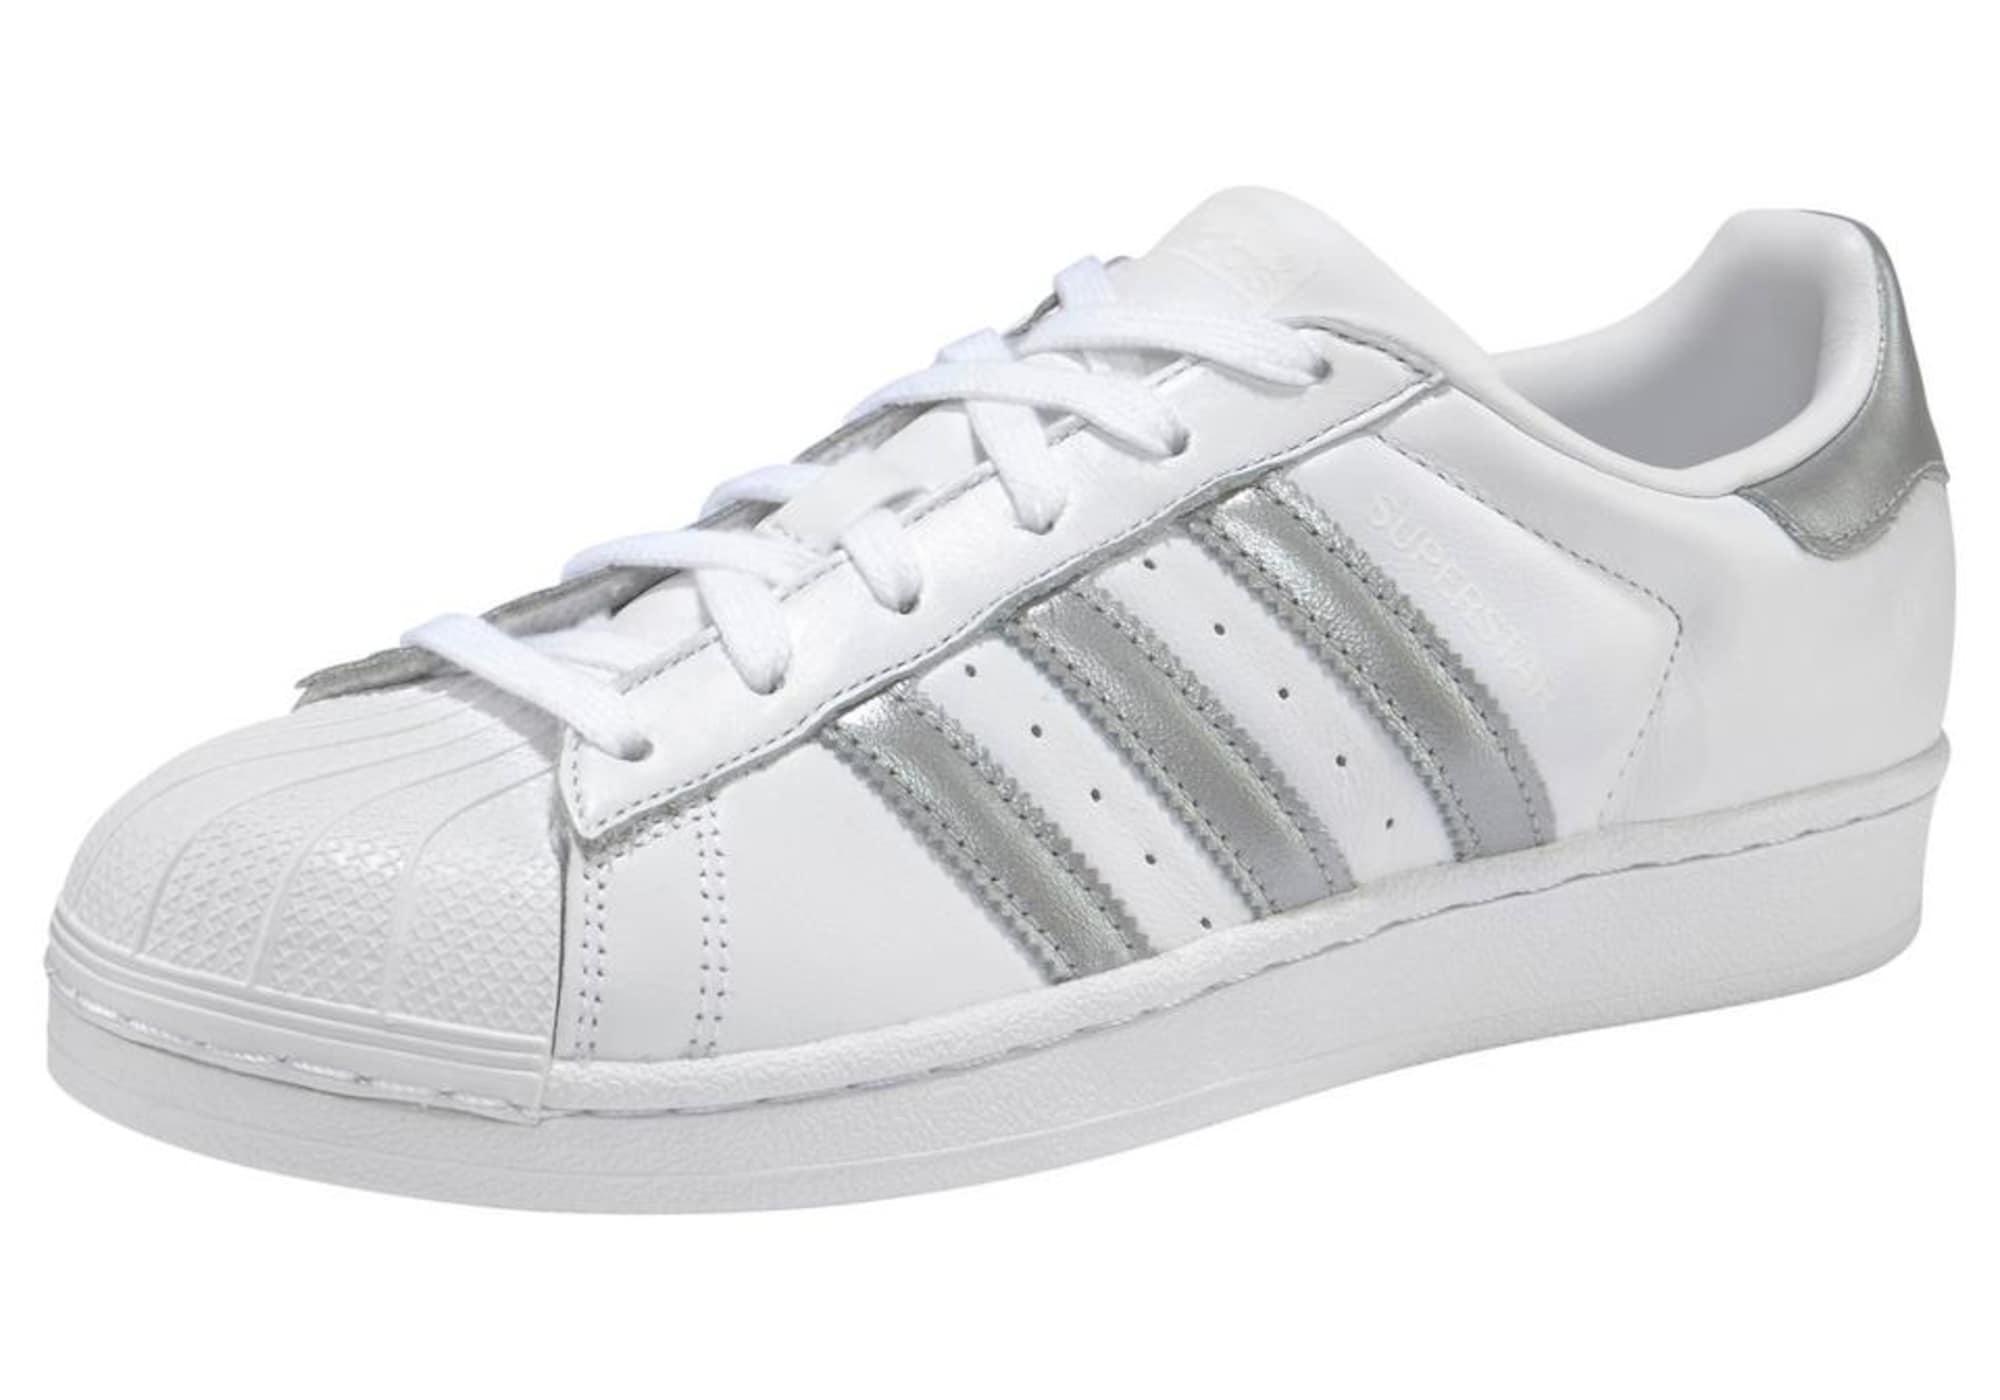 1c2efb835a7 Adidas Originals Dames Sneakers Laag Superstar Zilvergrijs Wit adidas  originals kopen in de aanbieding